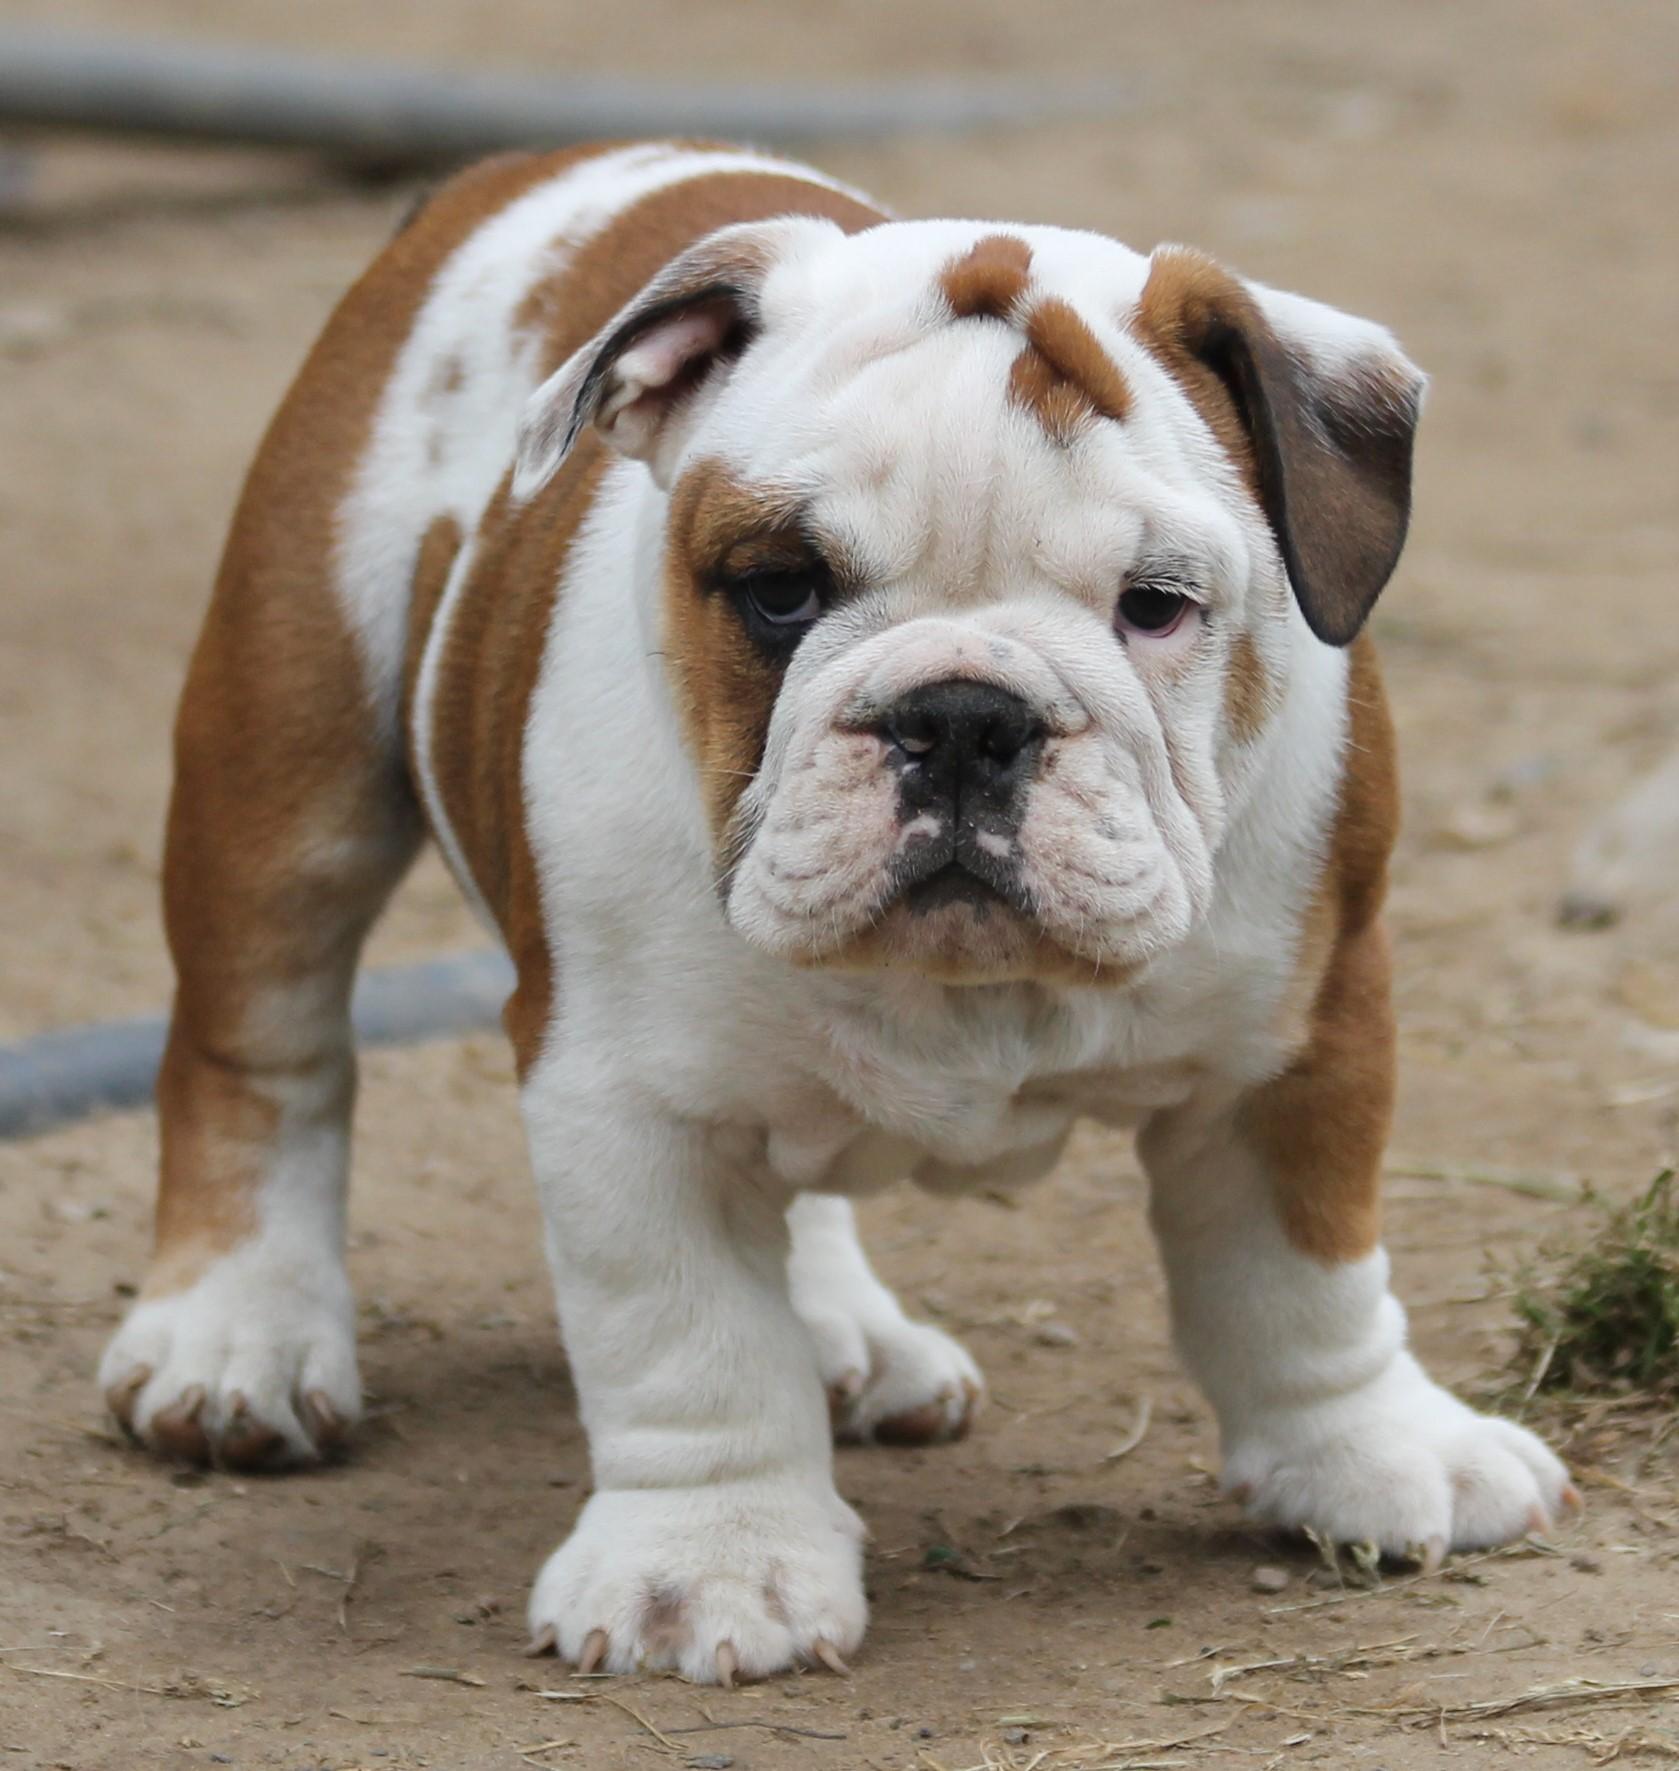 Lobo S English Bulldogs